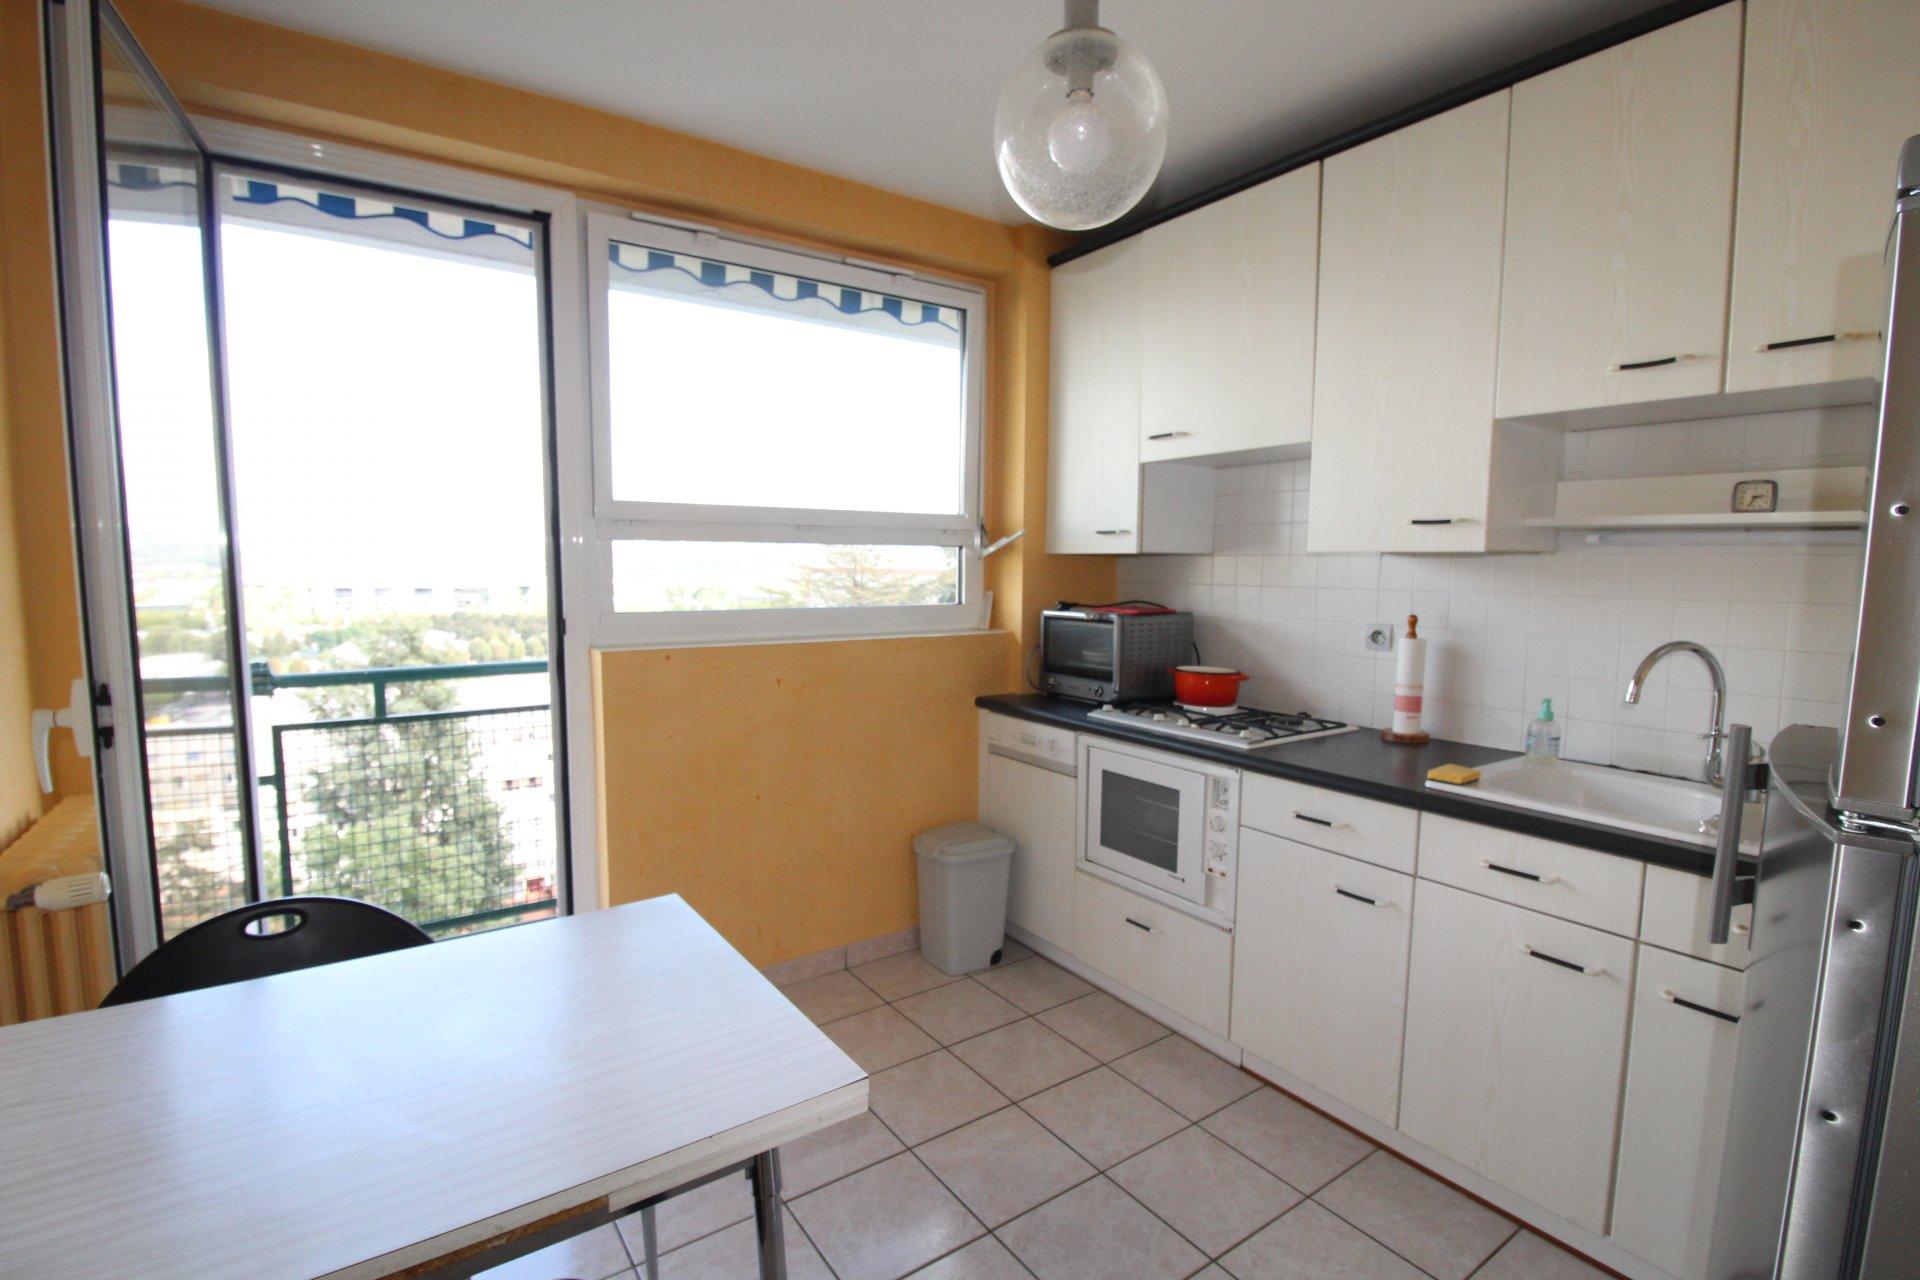 Appartement Saint-Etienne / Bergson Bel-Air 4 pièces 66,51m2